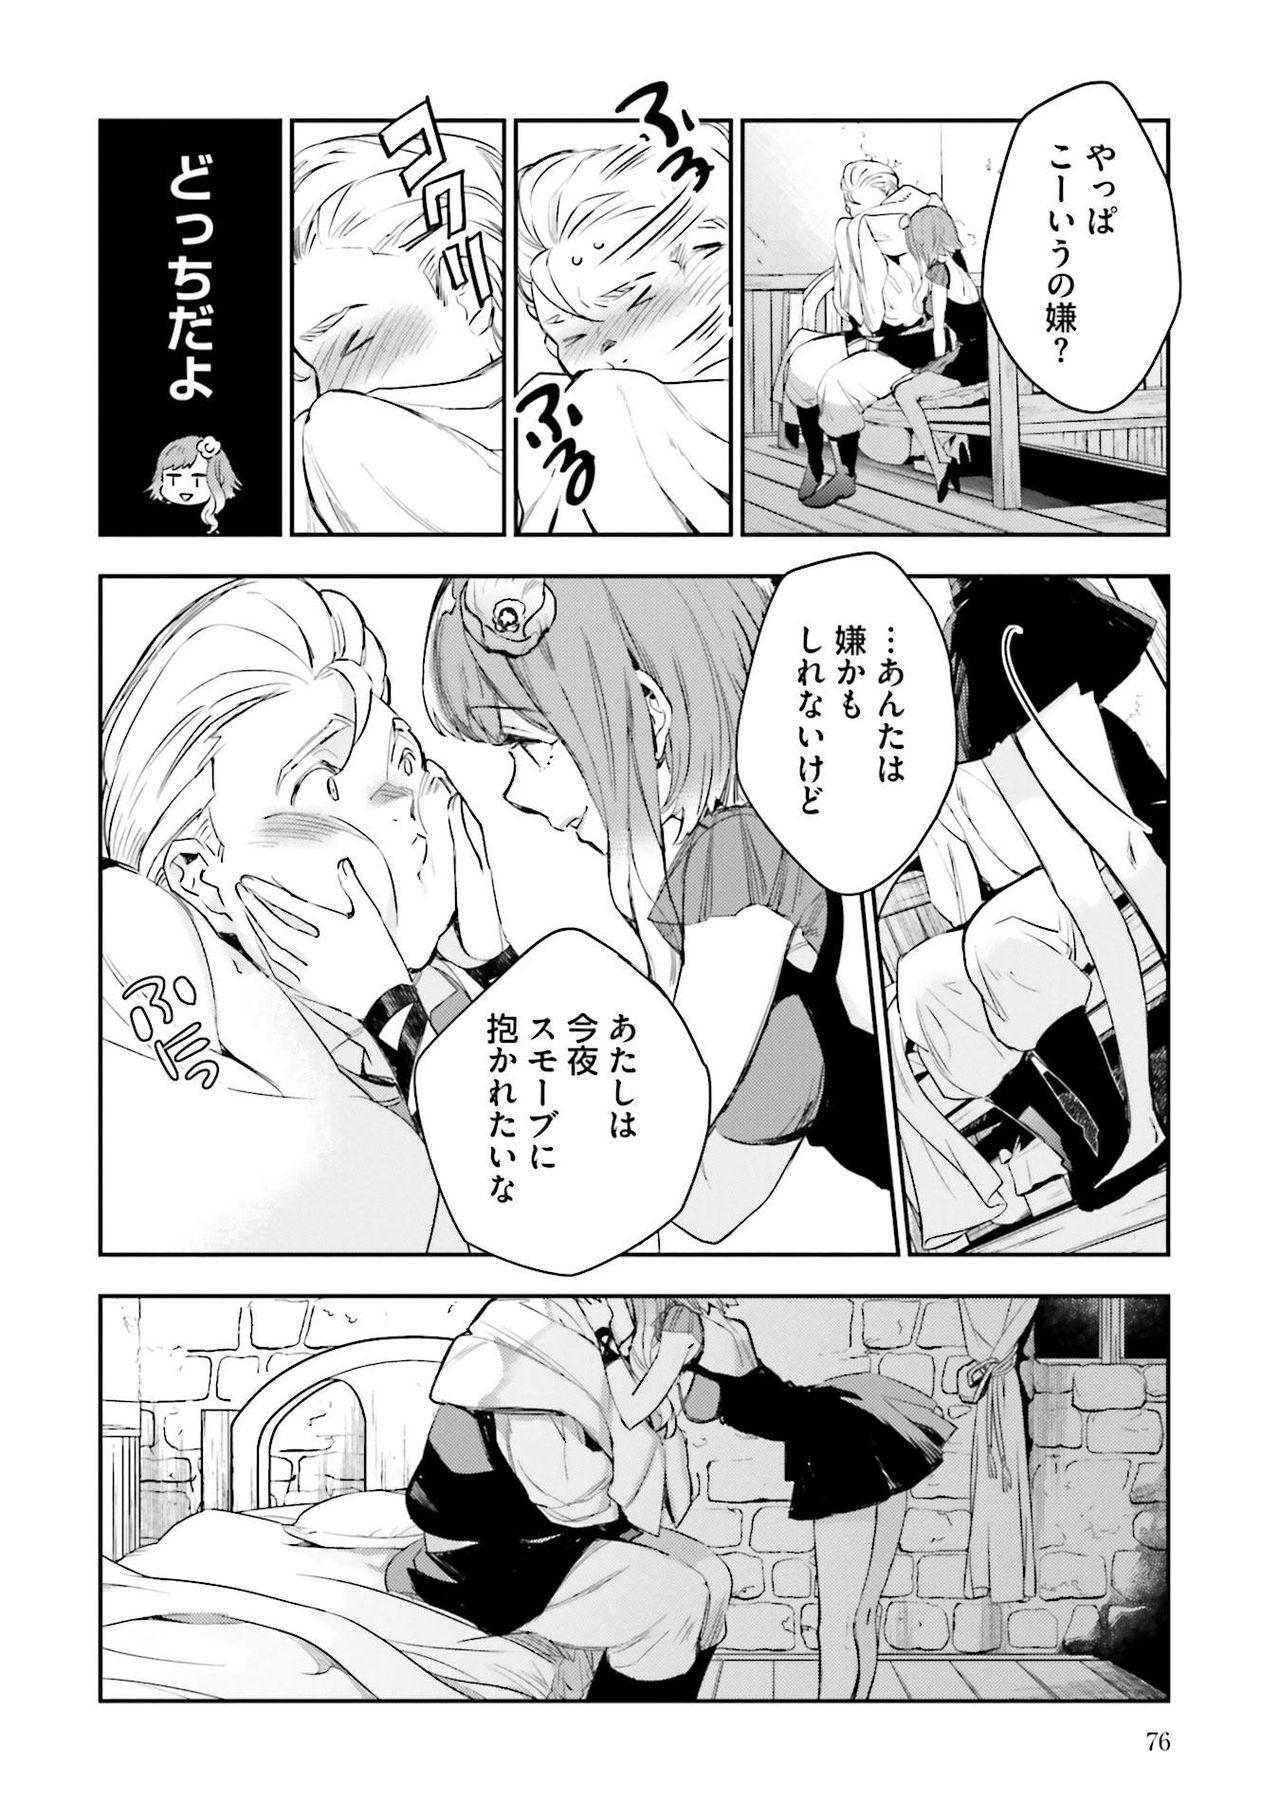 JK Haru wa Isekai de Shoufu ni Natta 1-14 264